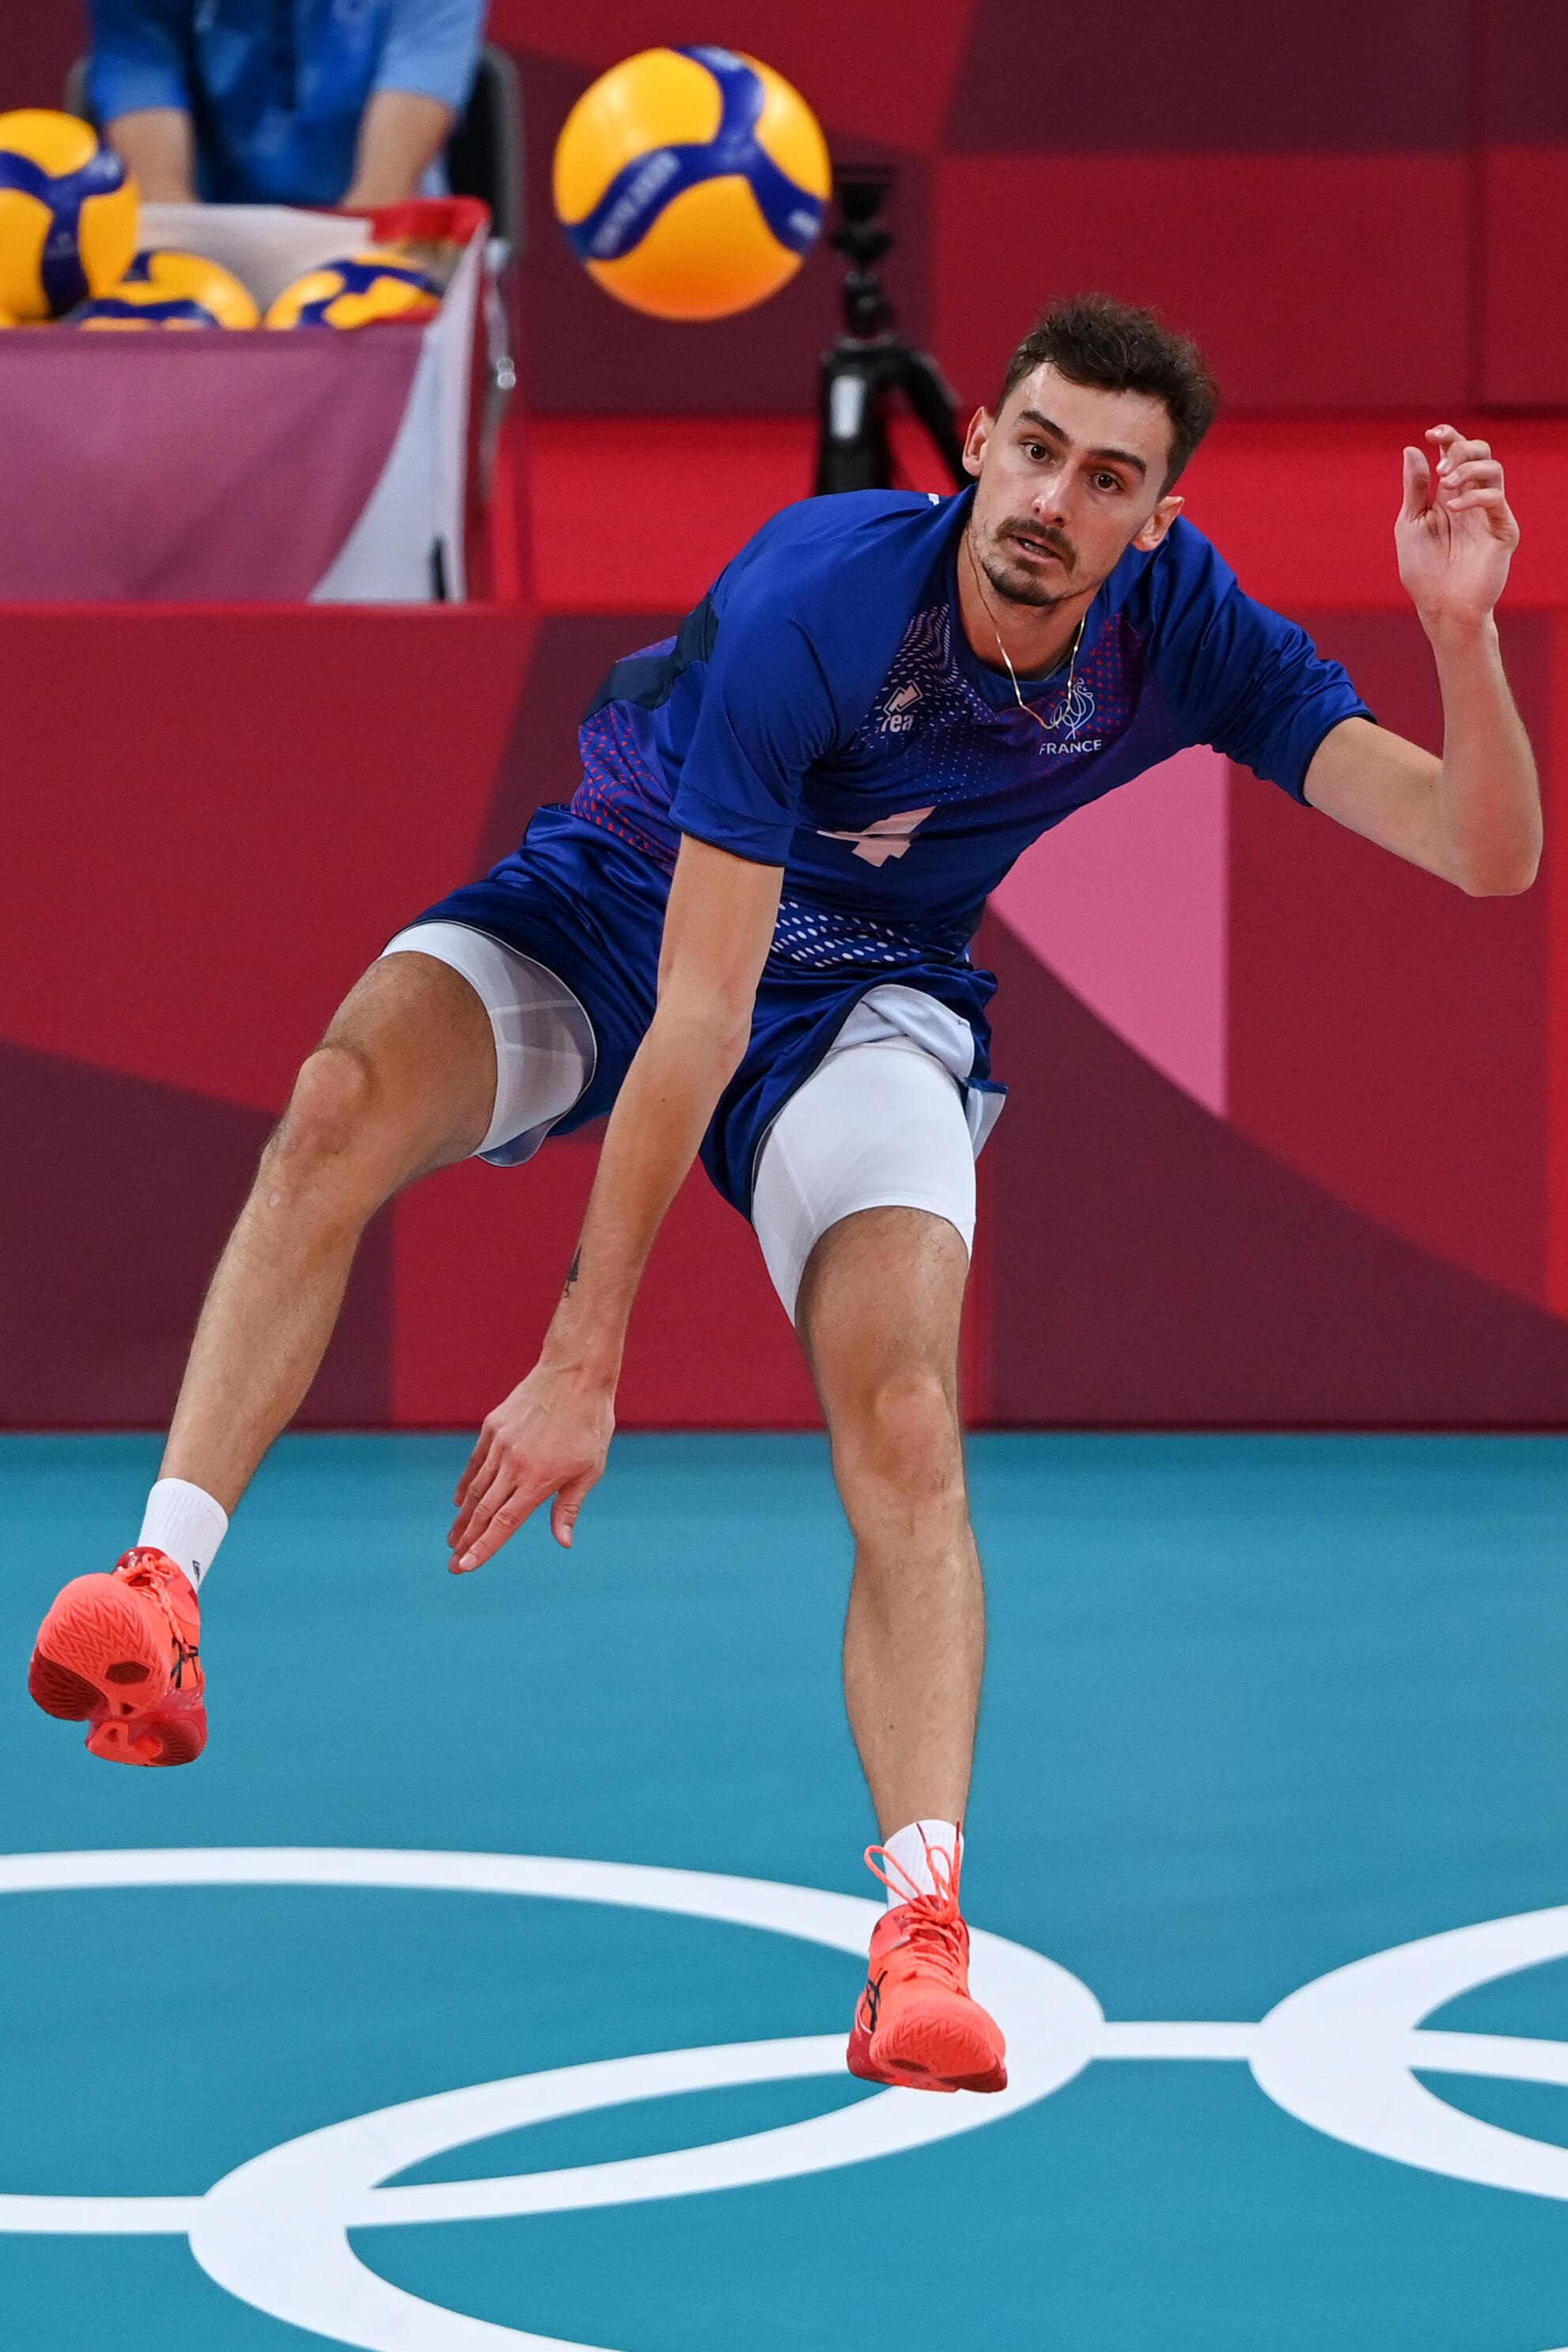 El francés Jean Patry durante los cuartos de final del torneo de voleibol de los Juegos Olímpicos de Tokio contra Polonia, 3 de agosto de 2021